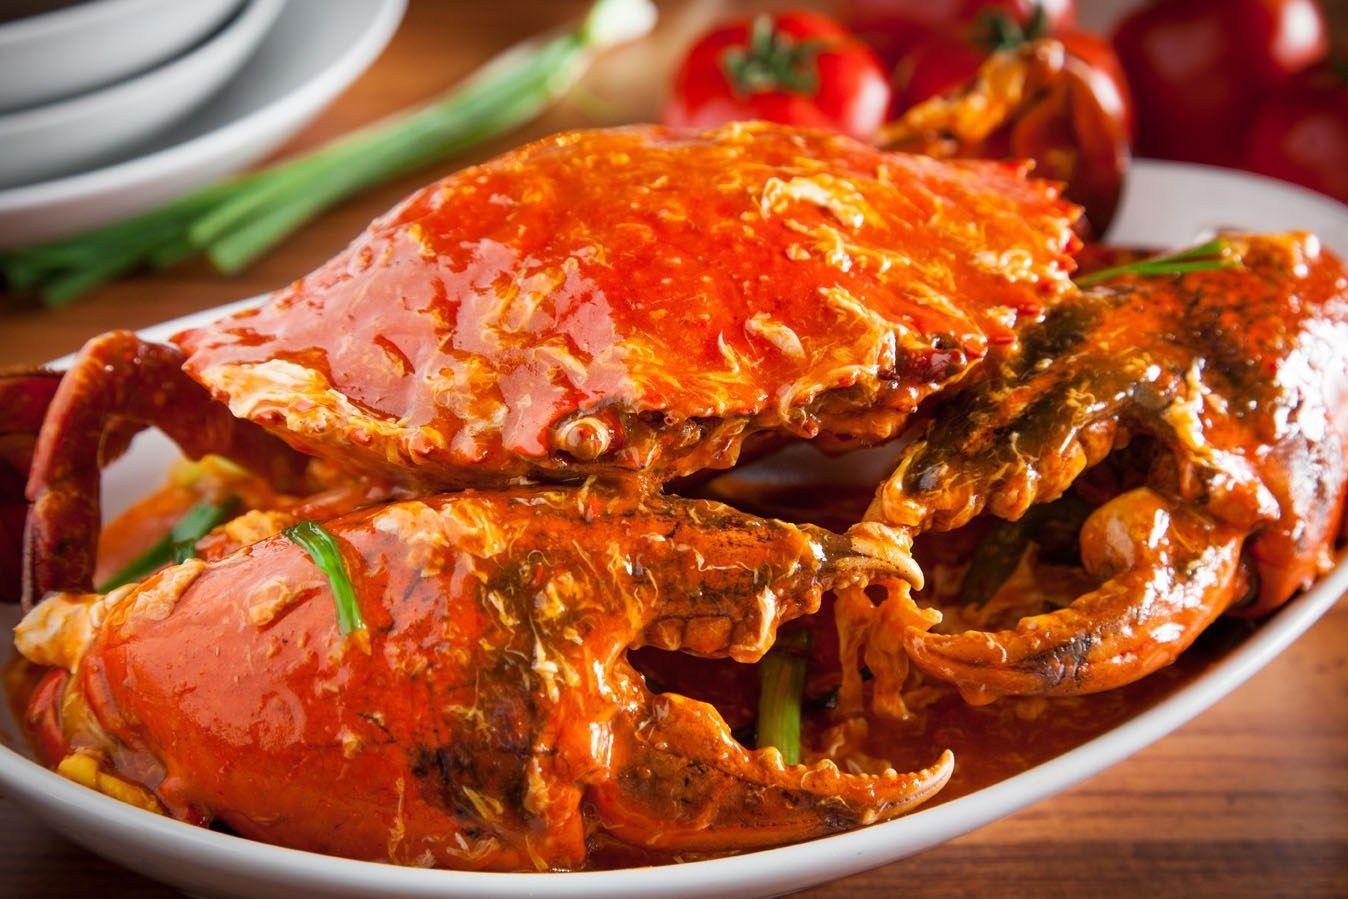 Aneka Resep Masakan Cookpad Yang Enak Dan Mudah Dibuat Dirumah Yuk Cobain Resep Seafood Resep Kepiting Resep